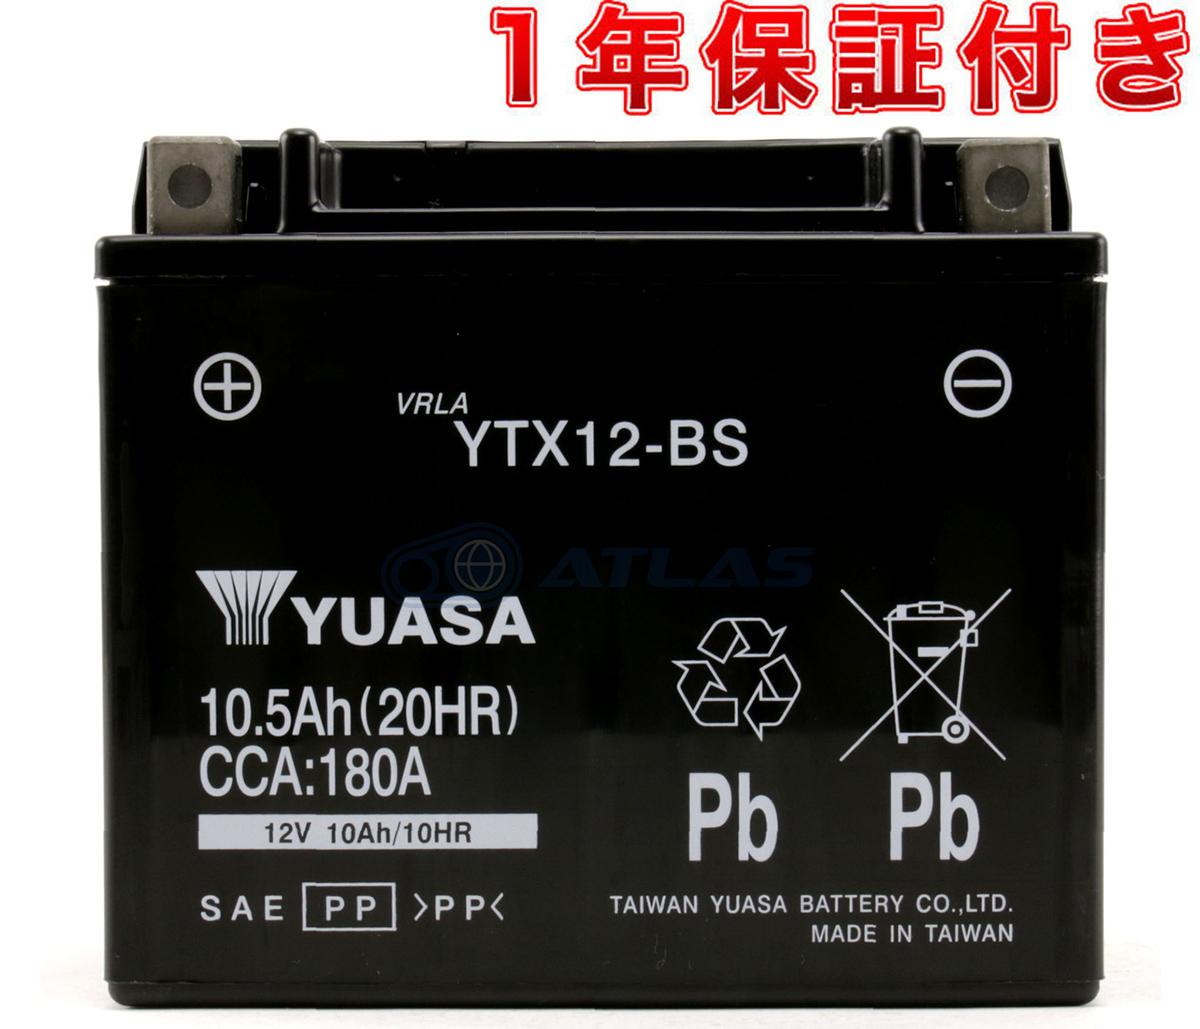 豪華な コスパ最強台湾ユアサバッテリー LINE友だちクーポン発行中 バイク バッテリー台湾YUASA YTX12-BS 1年保証付き KTX12-BS ストアー 互換FTX12-BS 液入り充電済み GTX12-BS